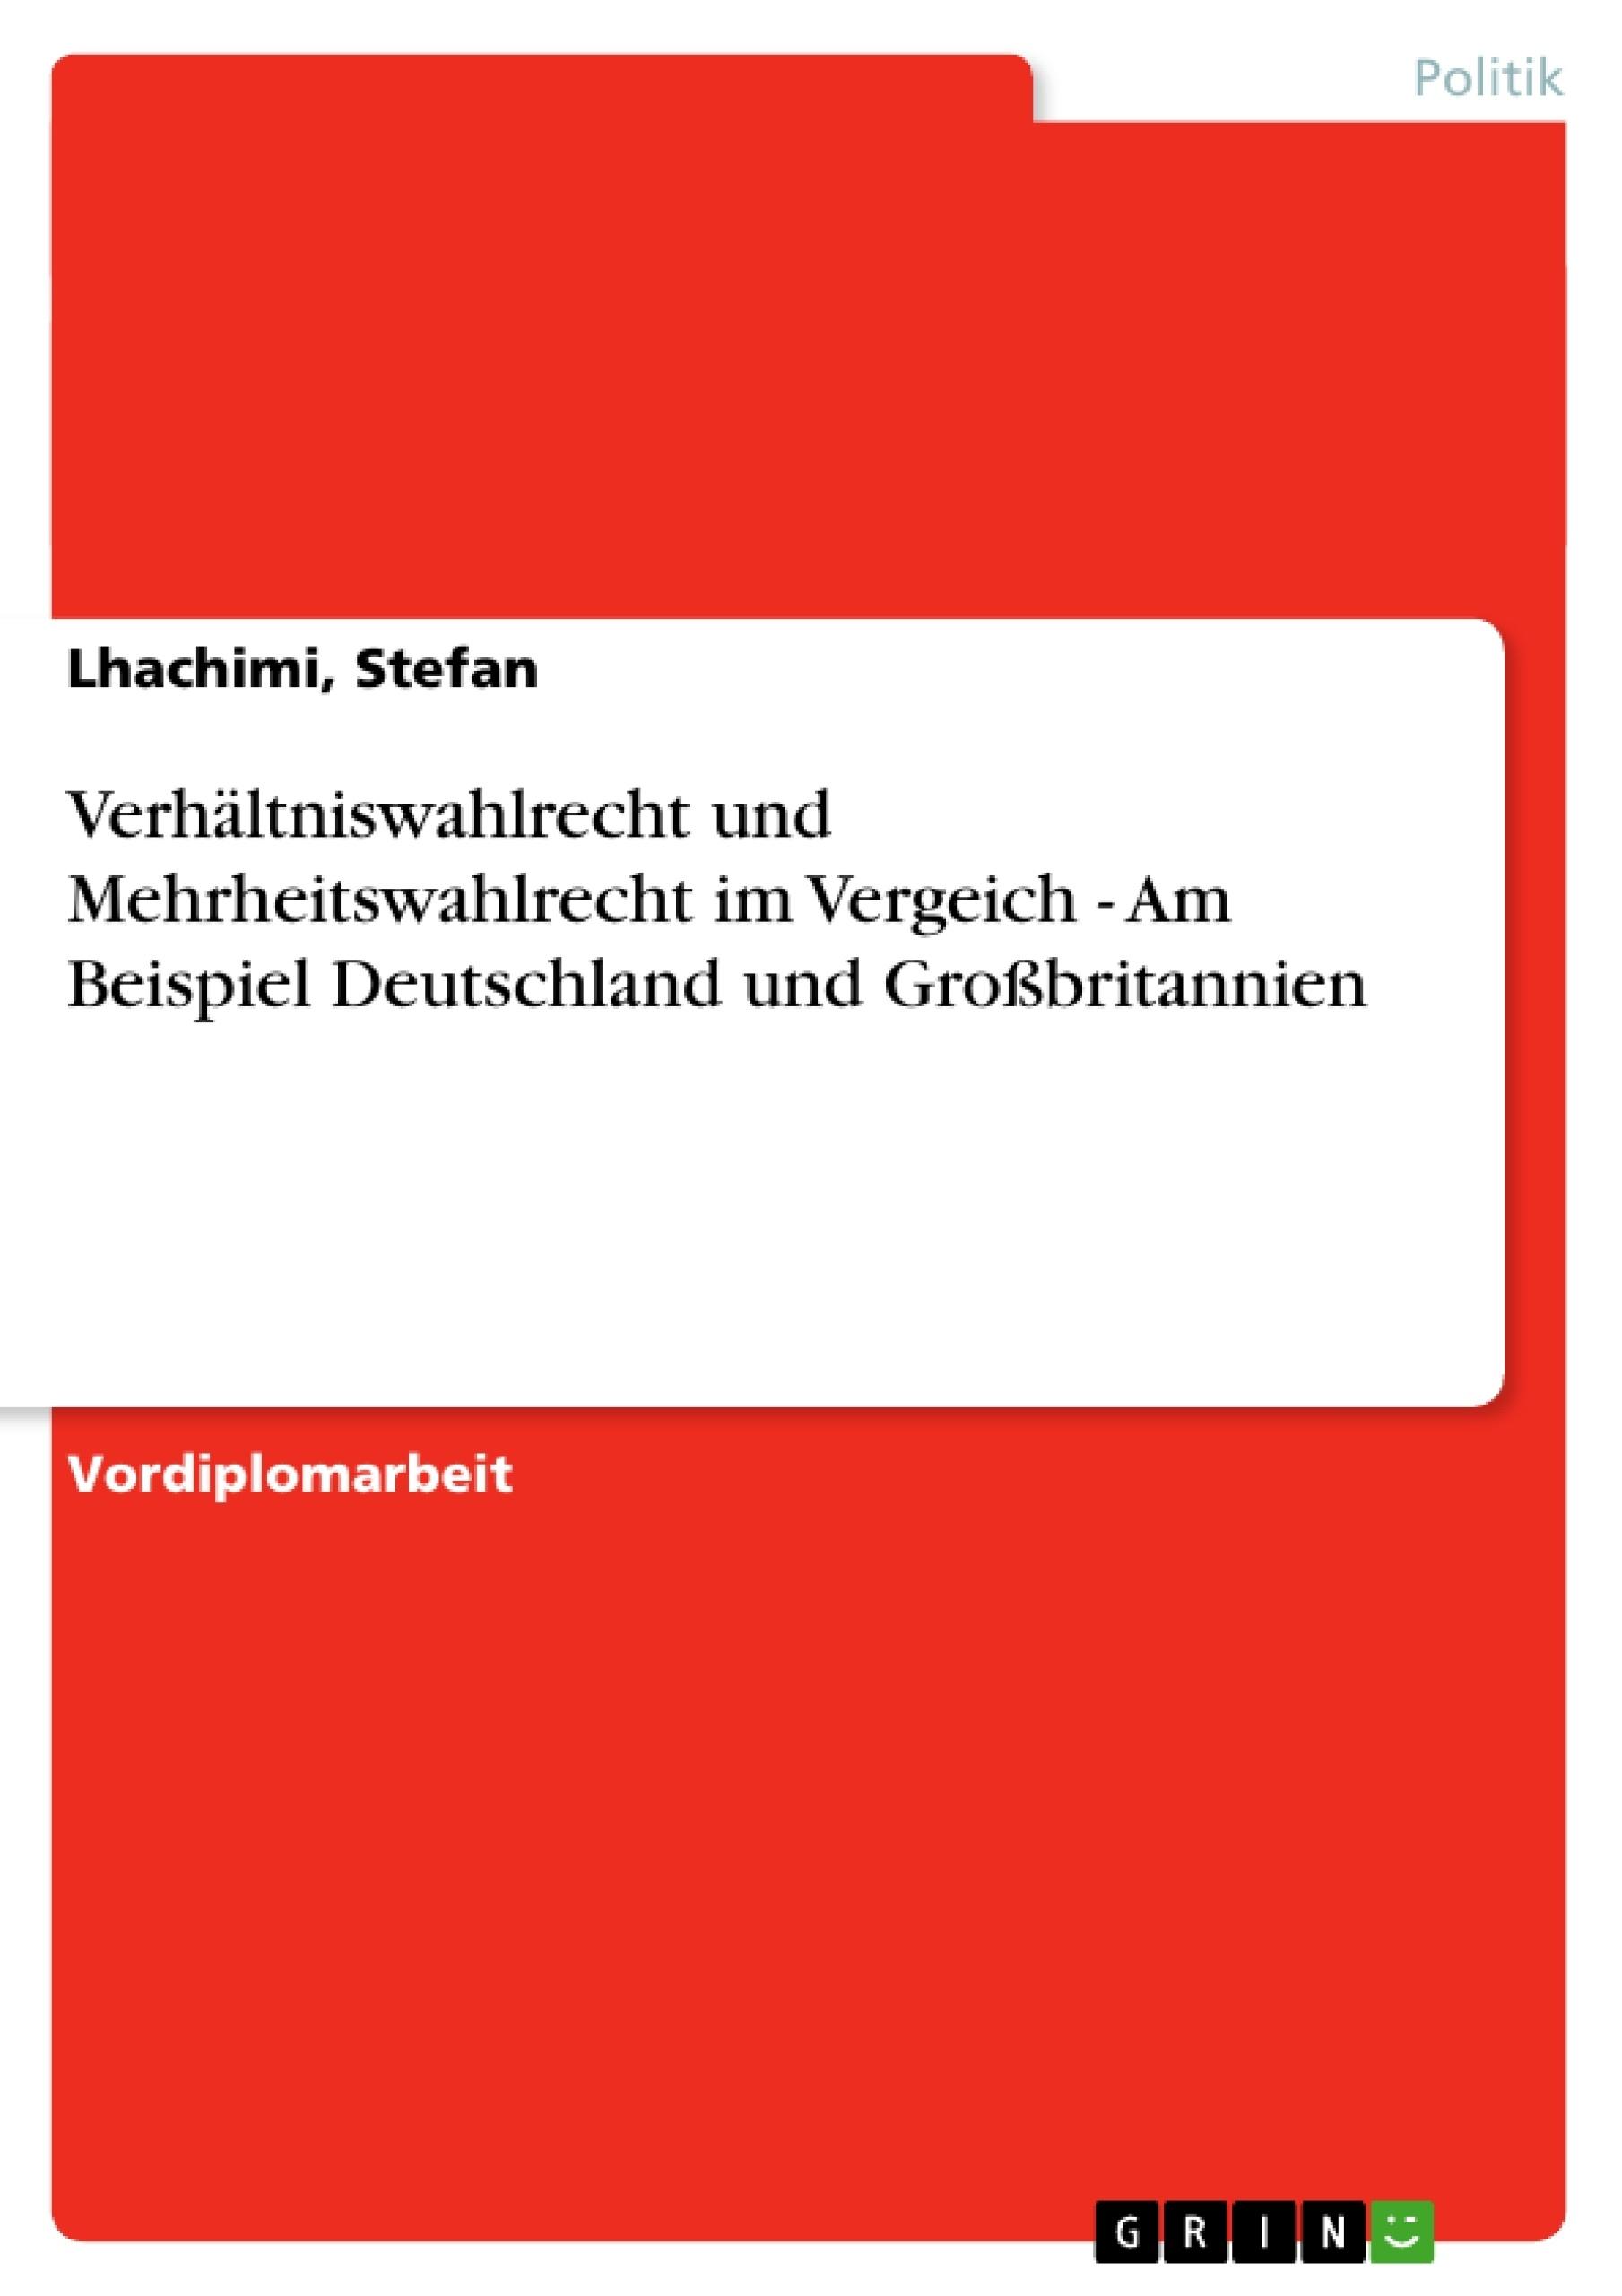 Verhältniswahlrecht und Mehrheitswahlrecht im Vergeich - Am ...